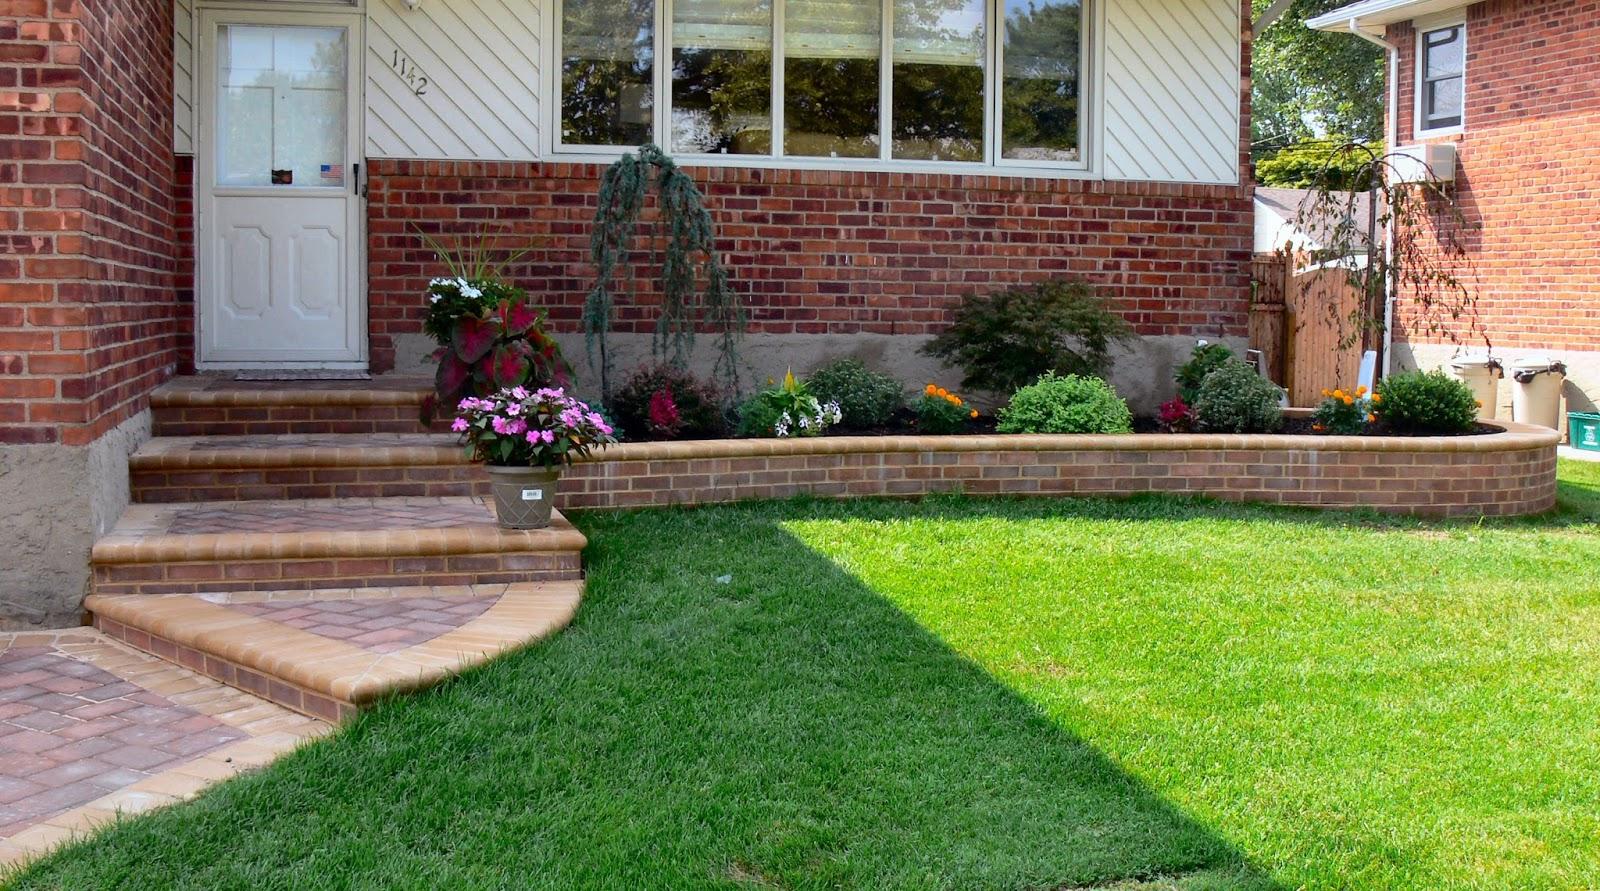 Design D'interieur De La Maison: Idées D'aménagement ... intérieur Petit Jardin Paysager